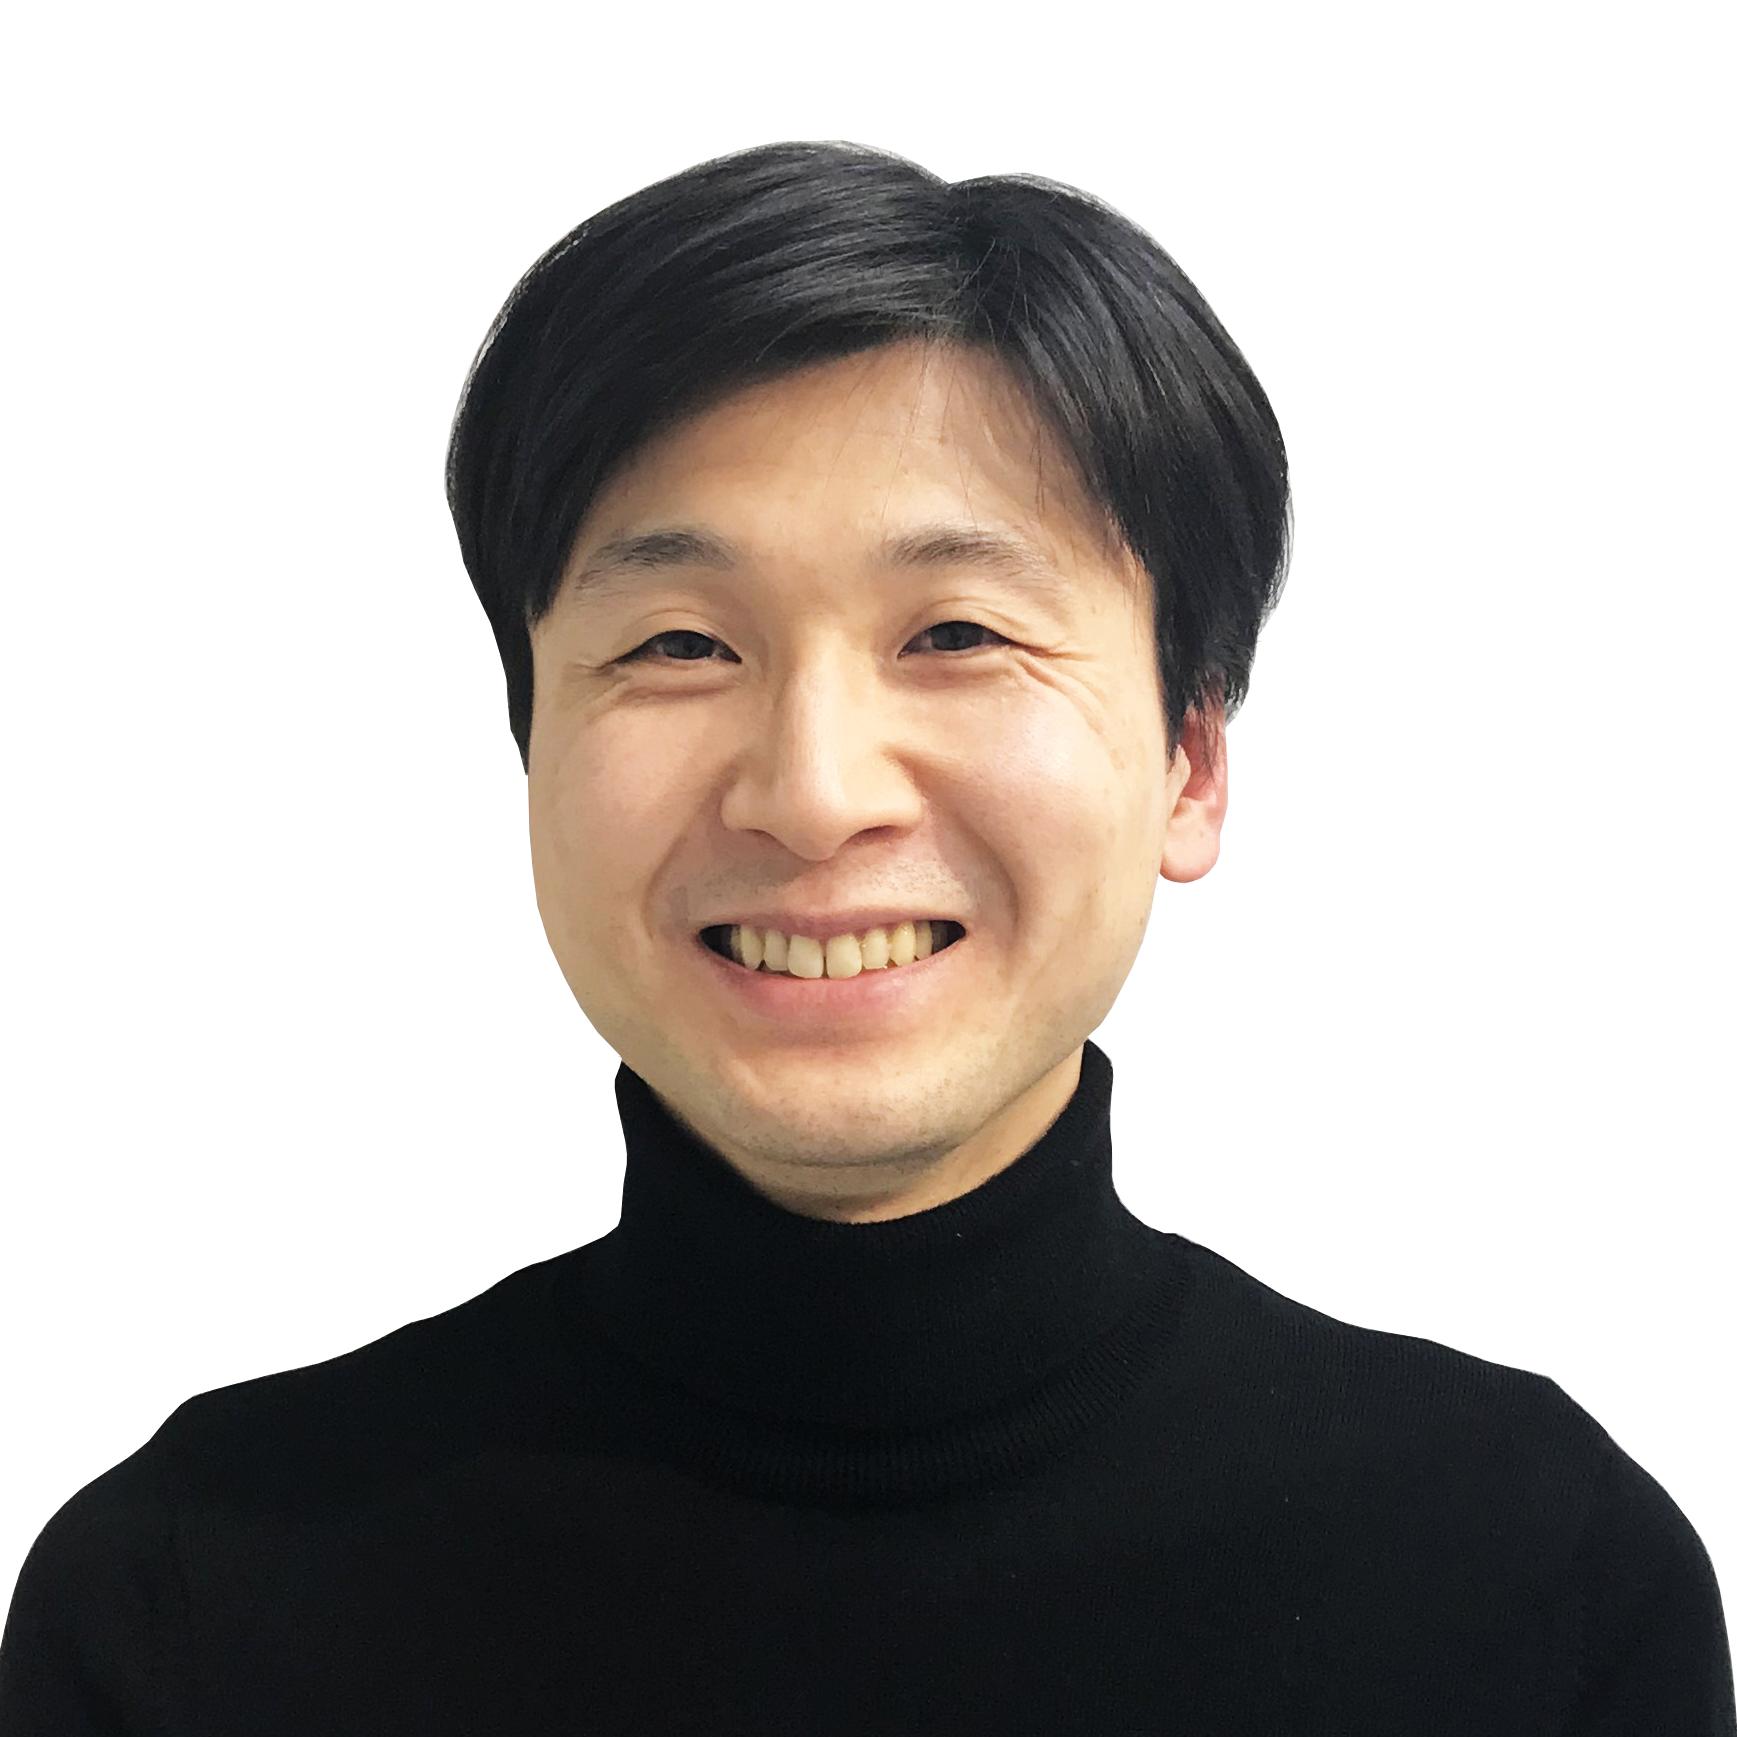 松嶋 慎太郎 Tech Lead